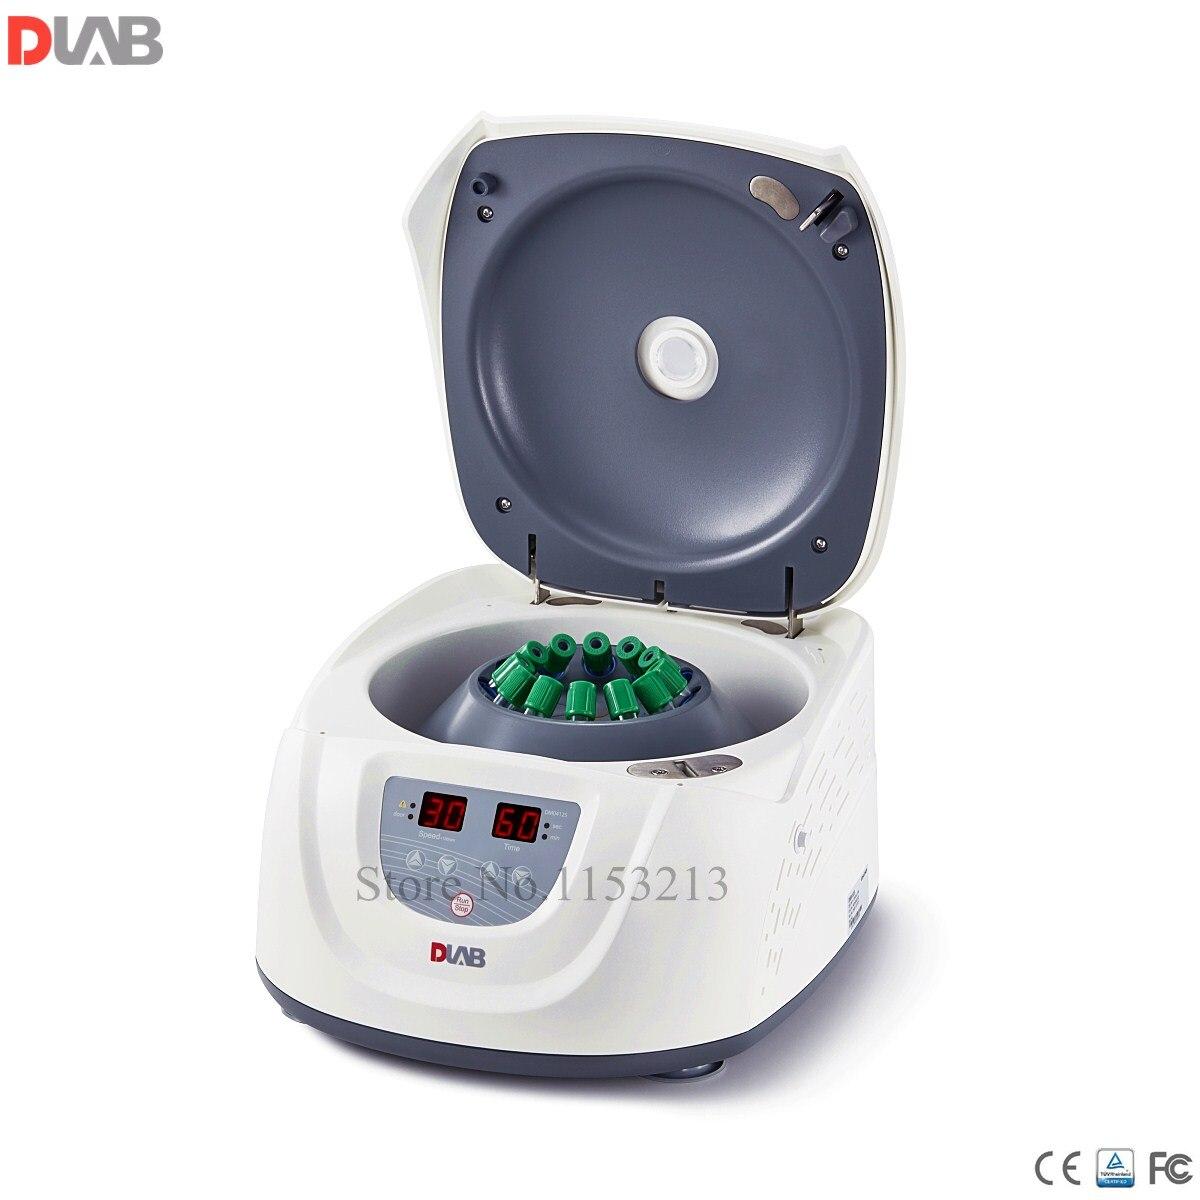 Drachen Labor Dm0412s Wirtschafts Typ Klinischen Zentrifuge 15 Ml 8 Dlab Langsam Geschwindigkeit Zentrifuge 300-4500 Rpm Dc Motor Oder 10 Ml/7 Ml/5 Ml 12